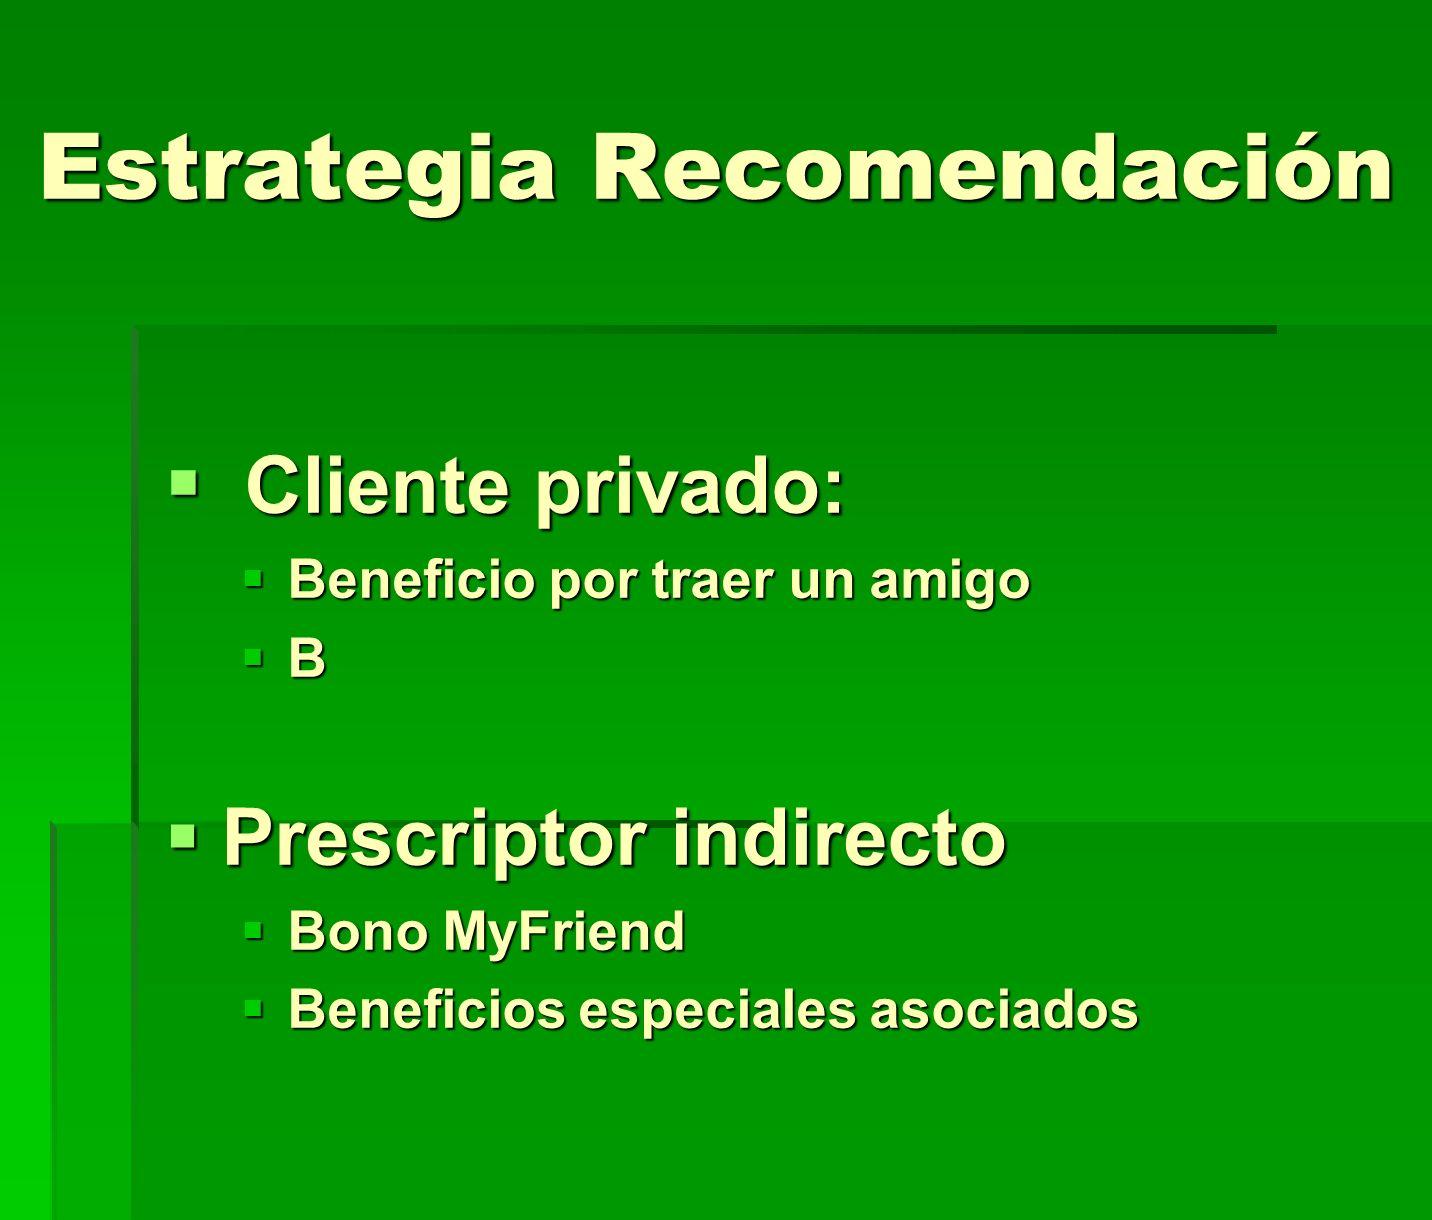 Estrategia Recomendación Cliente privado: Cliente privado: Beneficio por traer un amigo Beneficio por traer un amigo B Prescriptor indirecto Prescript